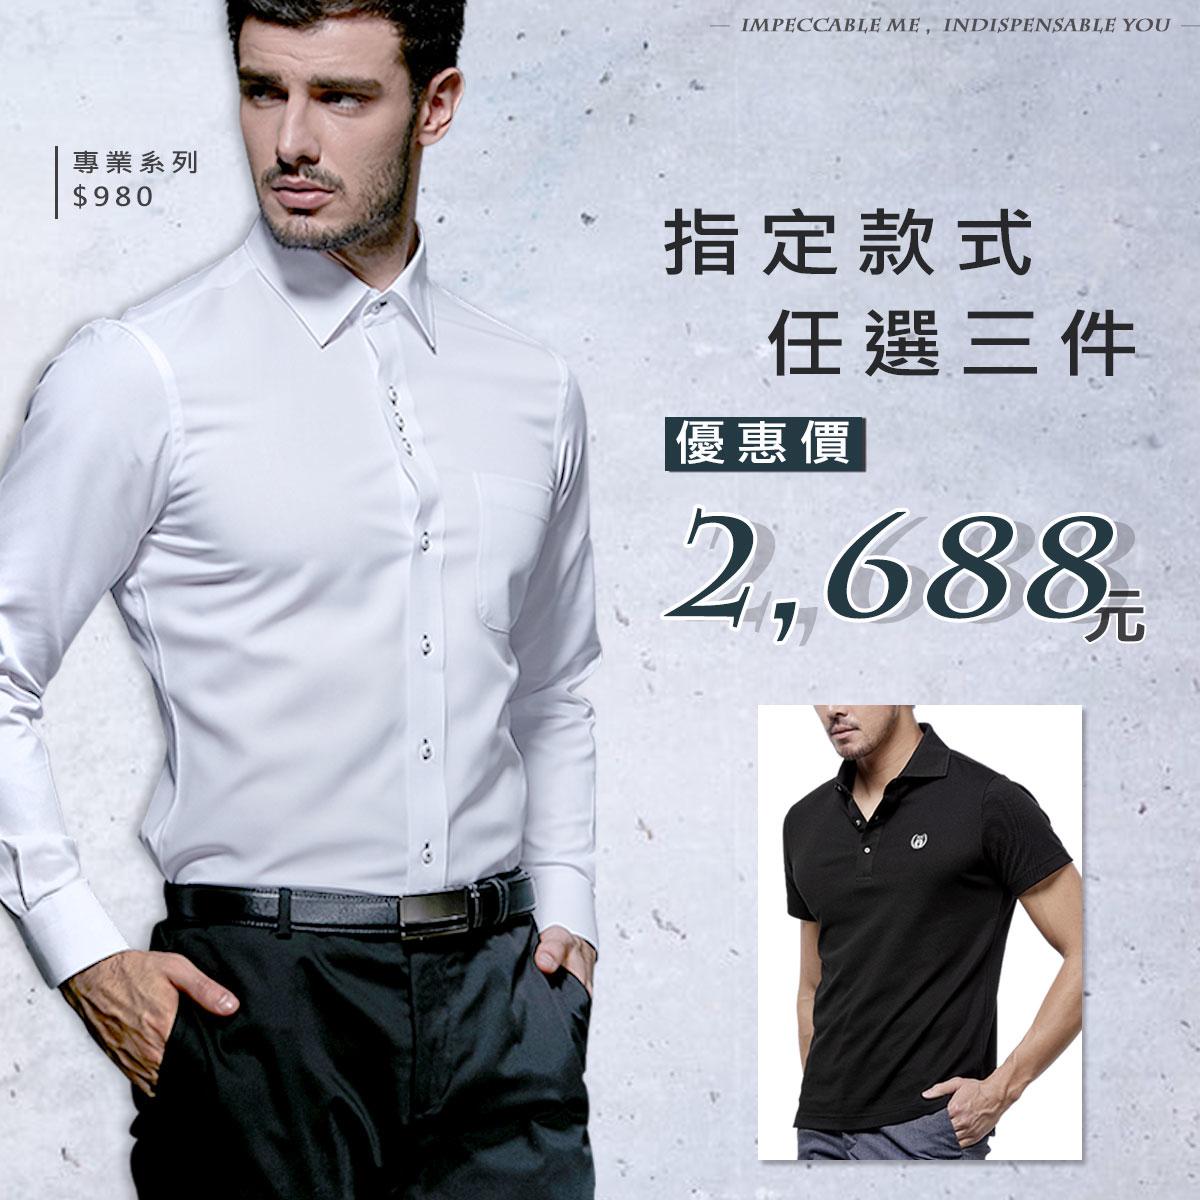 商務襯衫、免燙襯衫、polo衫,三件只要2688元